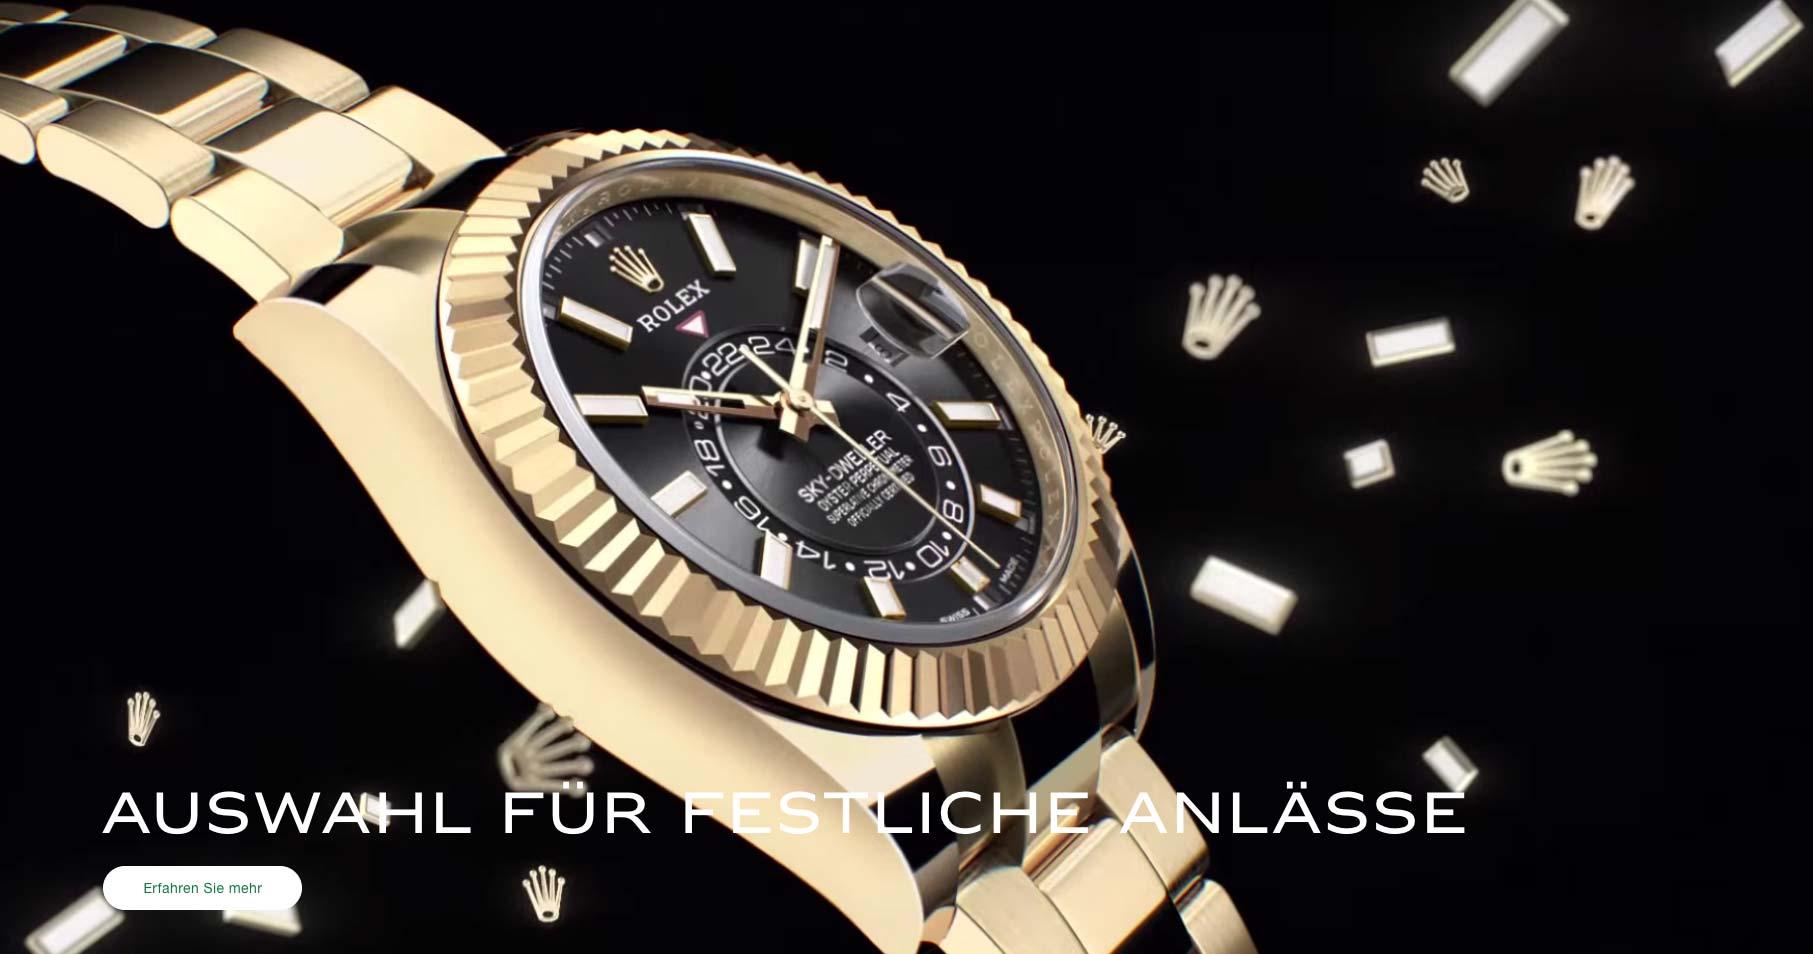 Rolex ist weiterhin der Wachstumstreiber im Luxusuhrengeschäft.